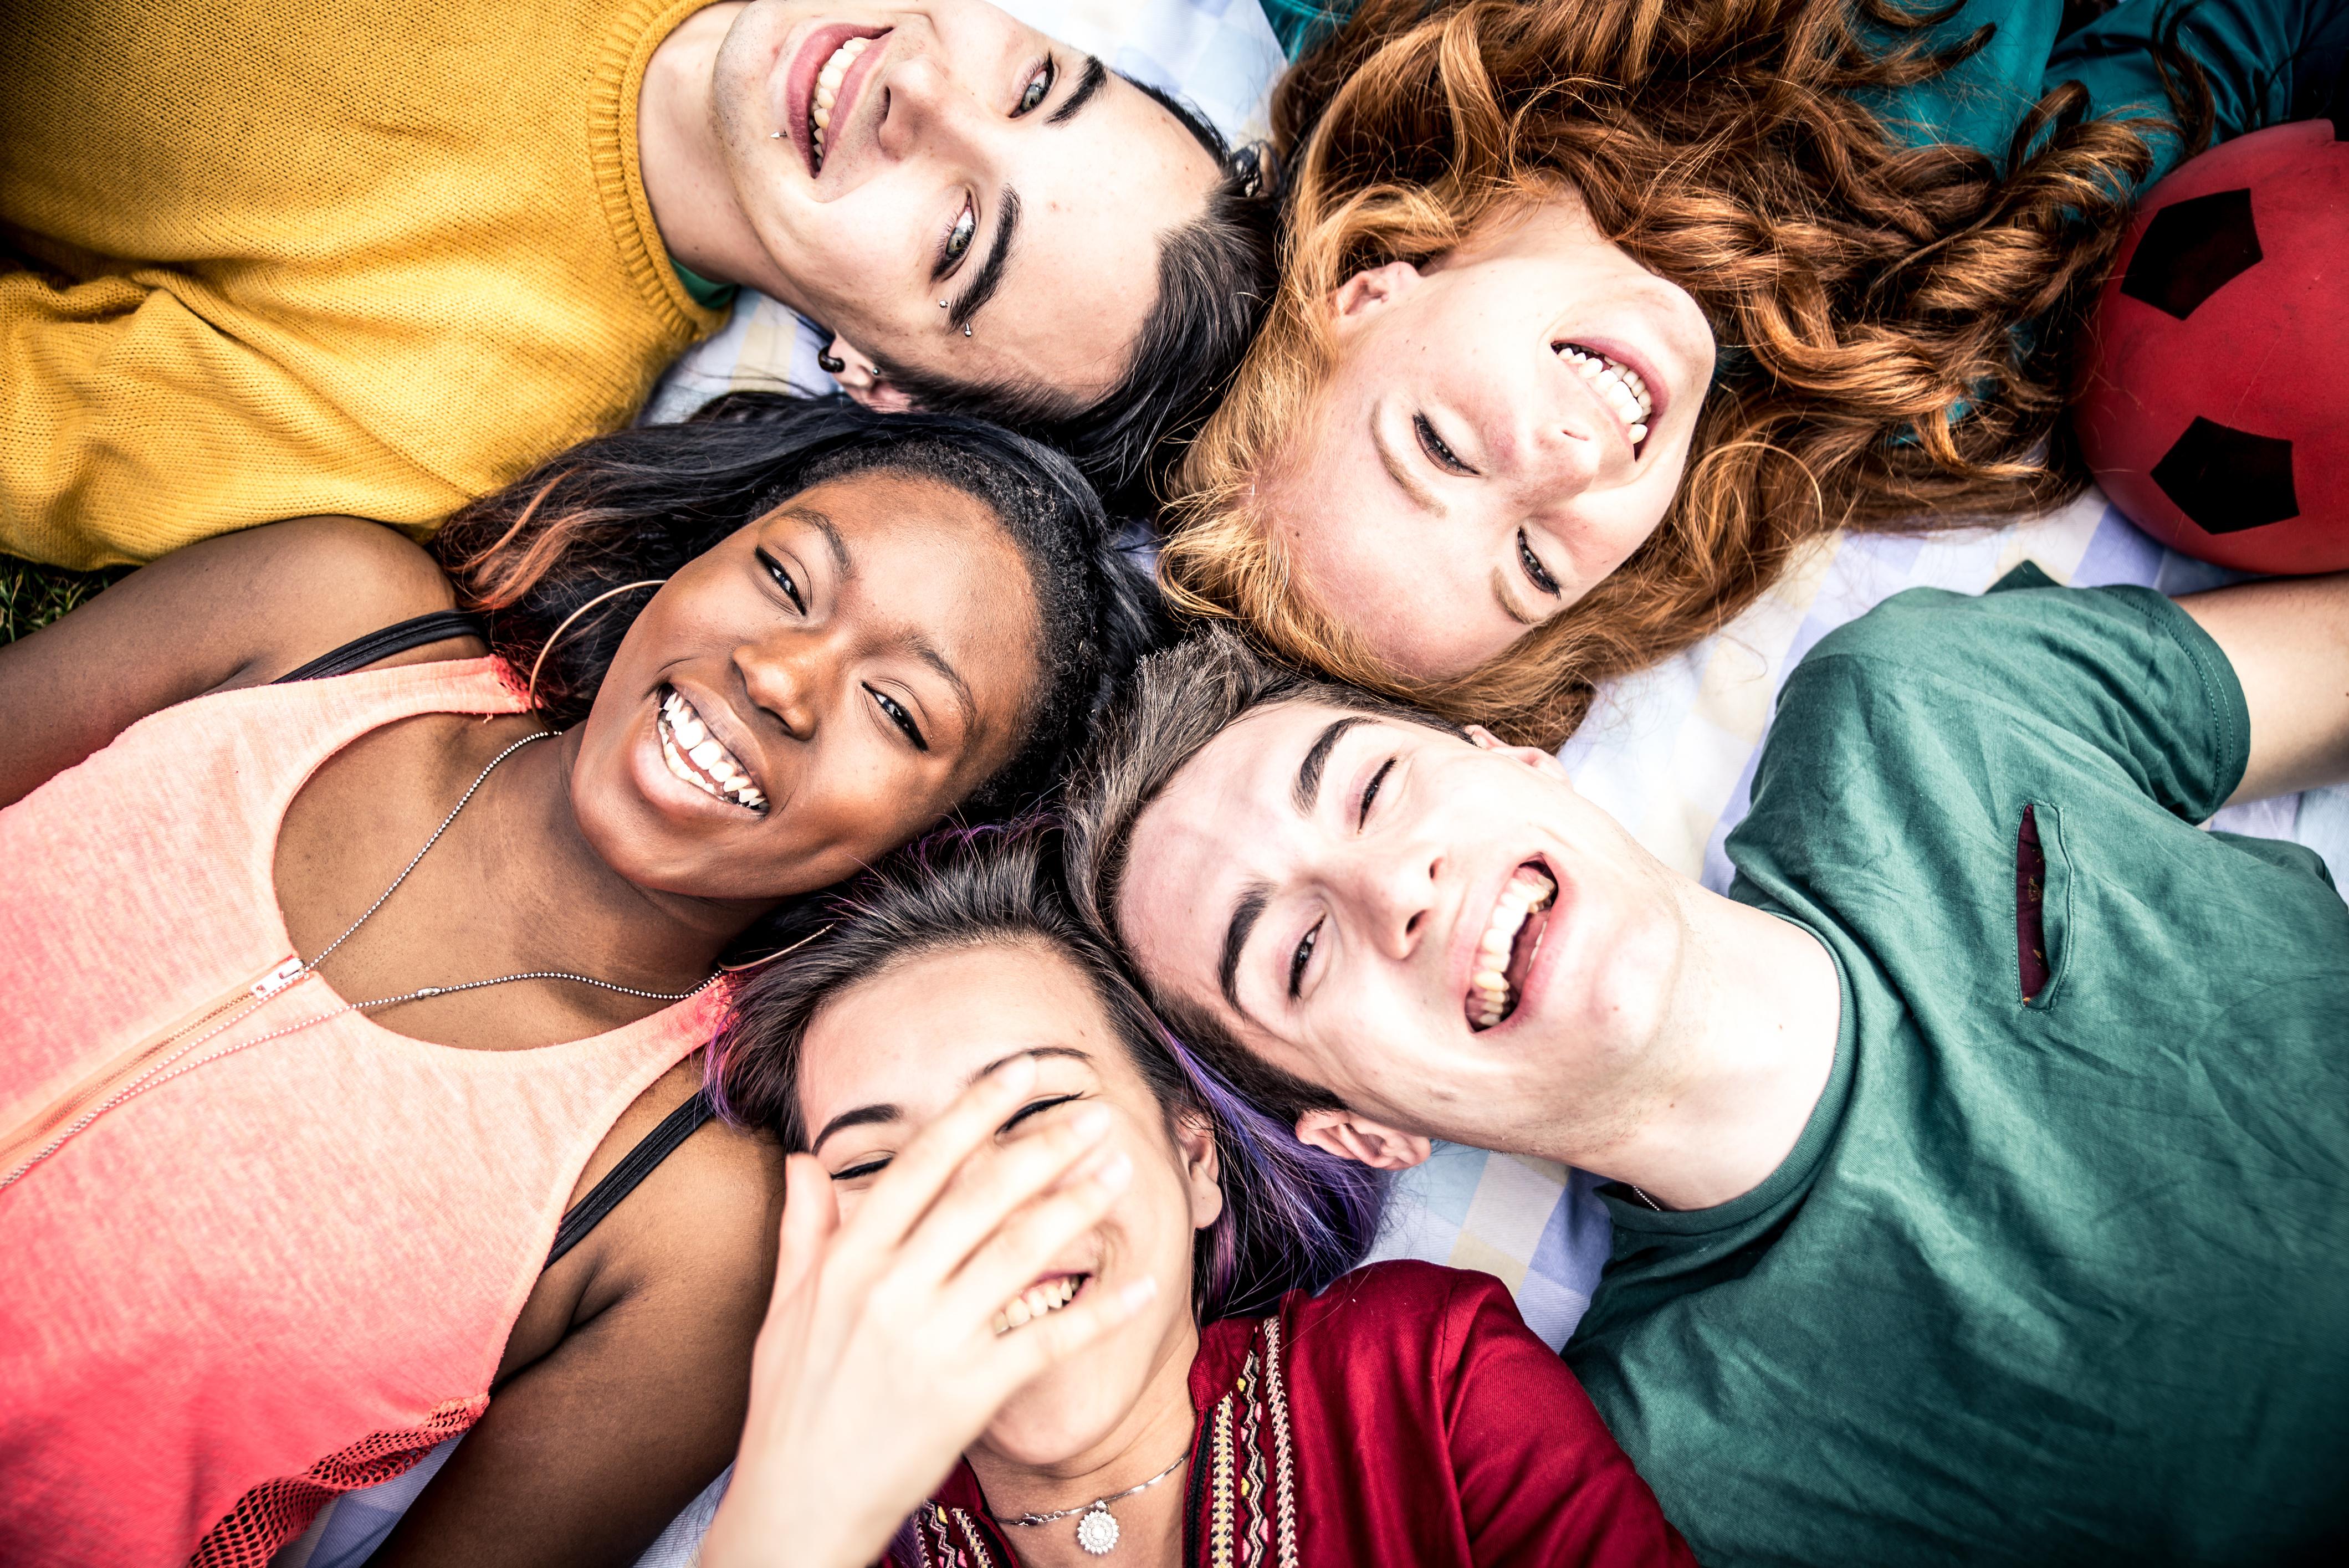 #OggiProtagonisti: campagna istituzionale del nuovo Dipartimento per le Politiche giovanili e il Servizio civile universale